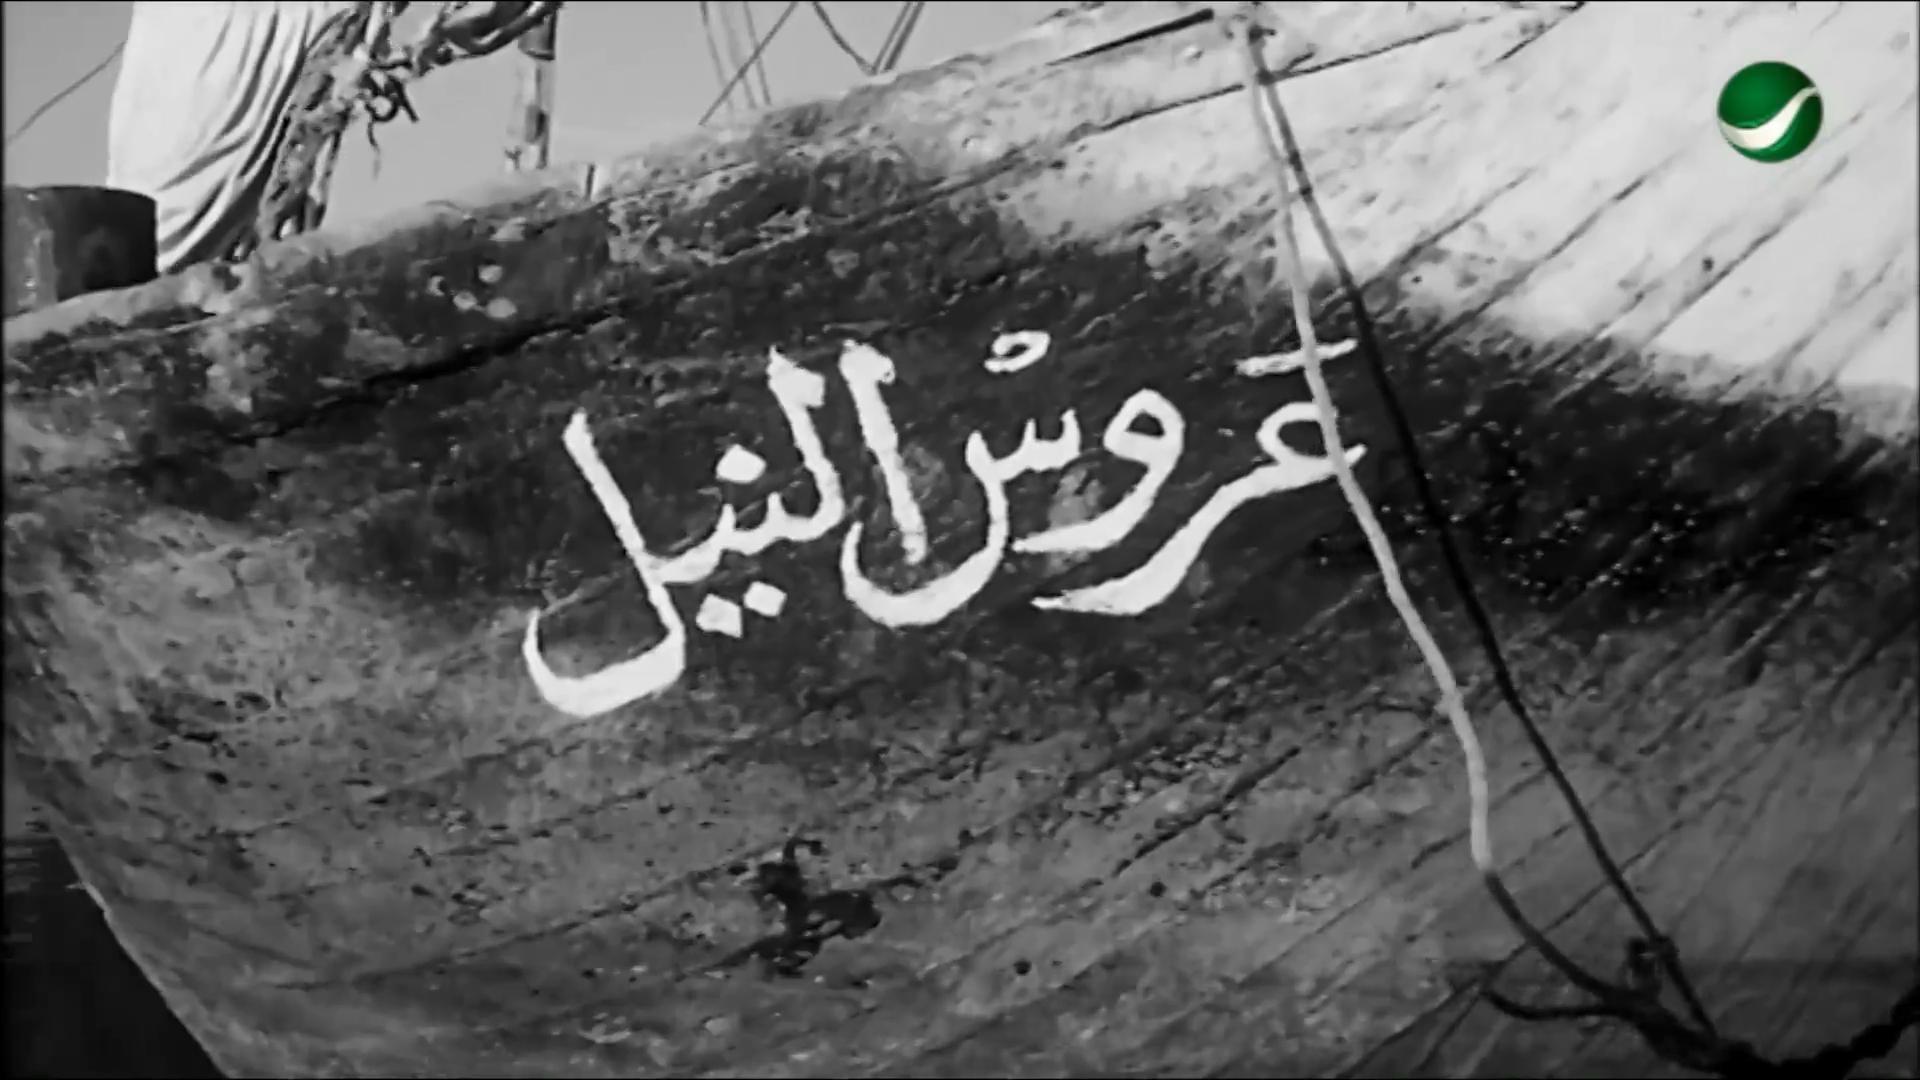 [فيلم][تورنت][تحميل][صراع في النيل][1959][1080p][Web-DL] 4 arabp2p.com